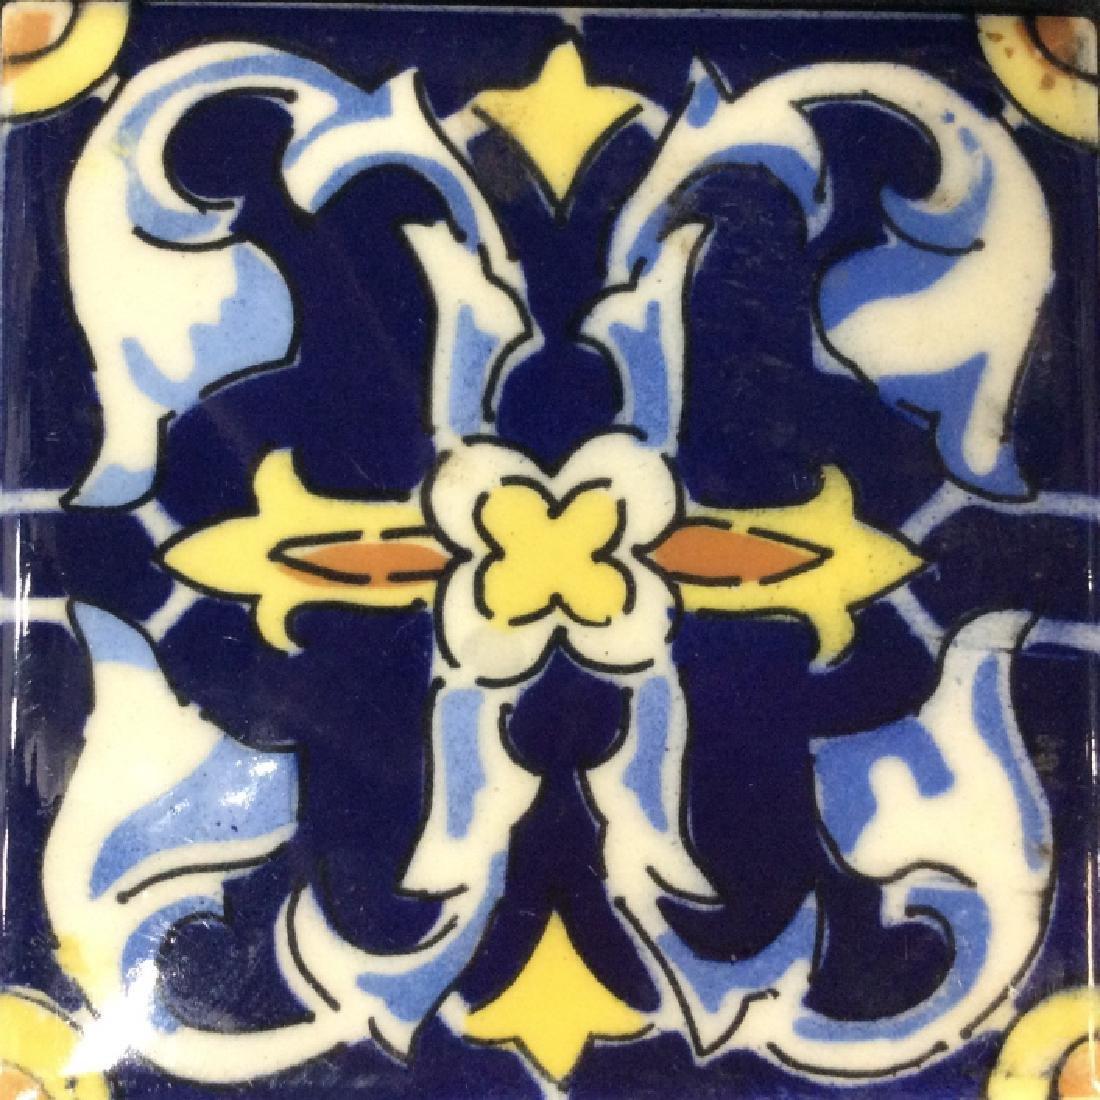 IDEAL STANDARD Porcelain Tile